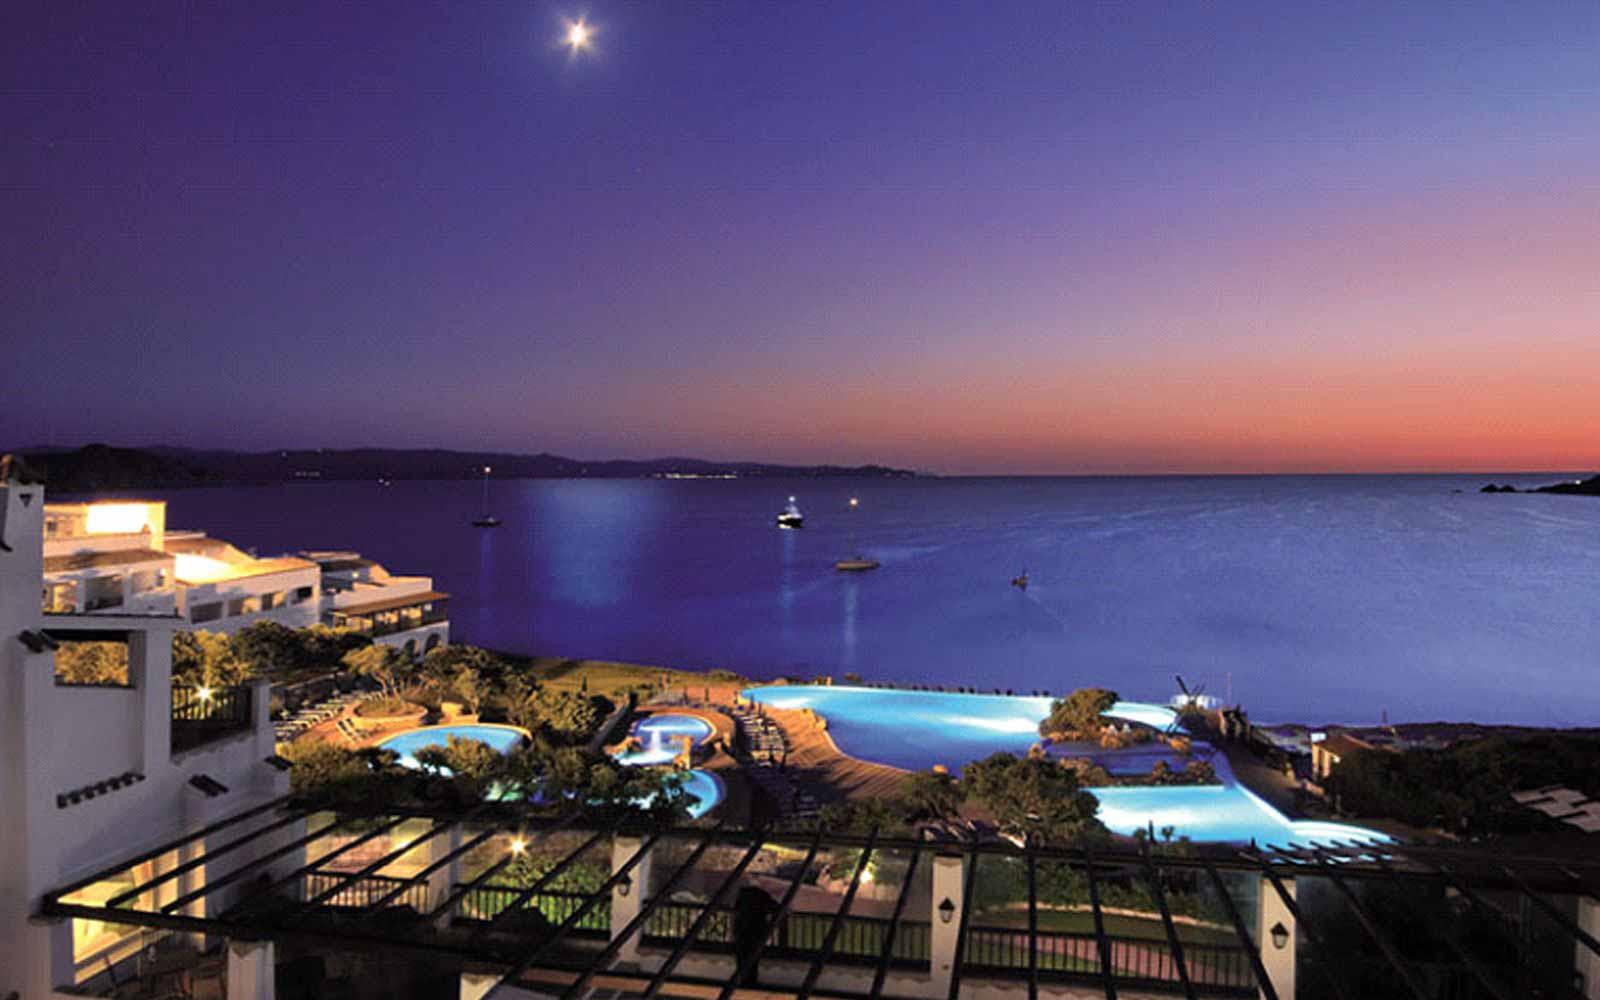 Night view at the Colonna Grand Hotel Capo Testa